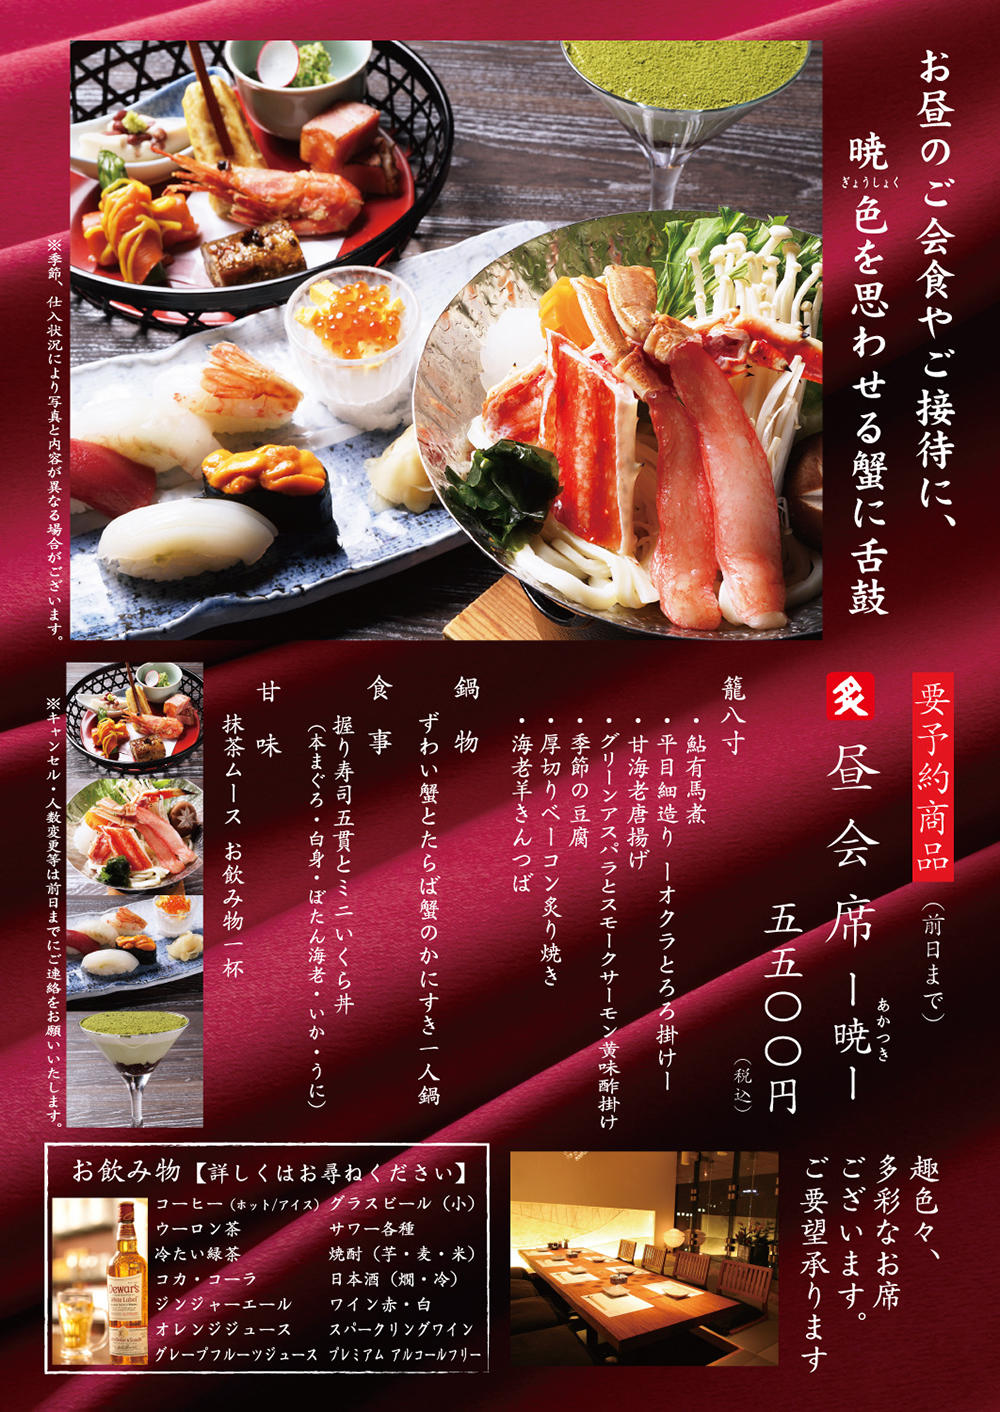 https://www.odori-bisse.com/info/aburiya_210614_img1.JPG